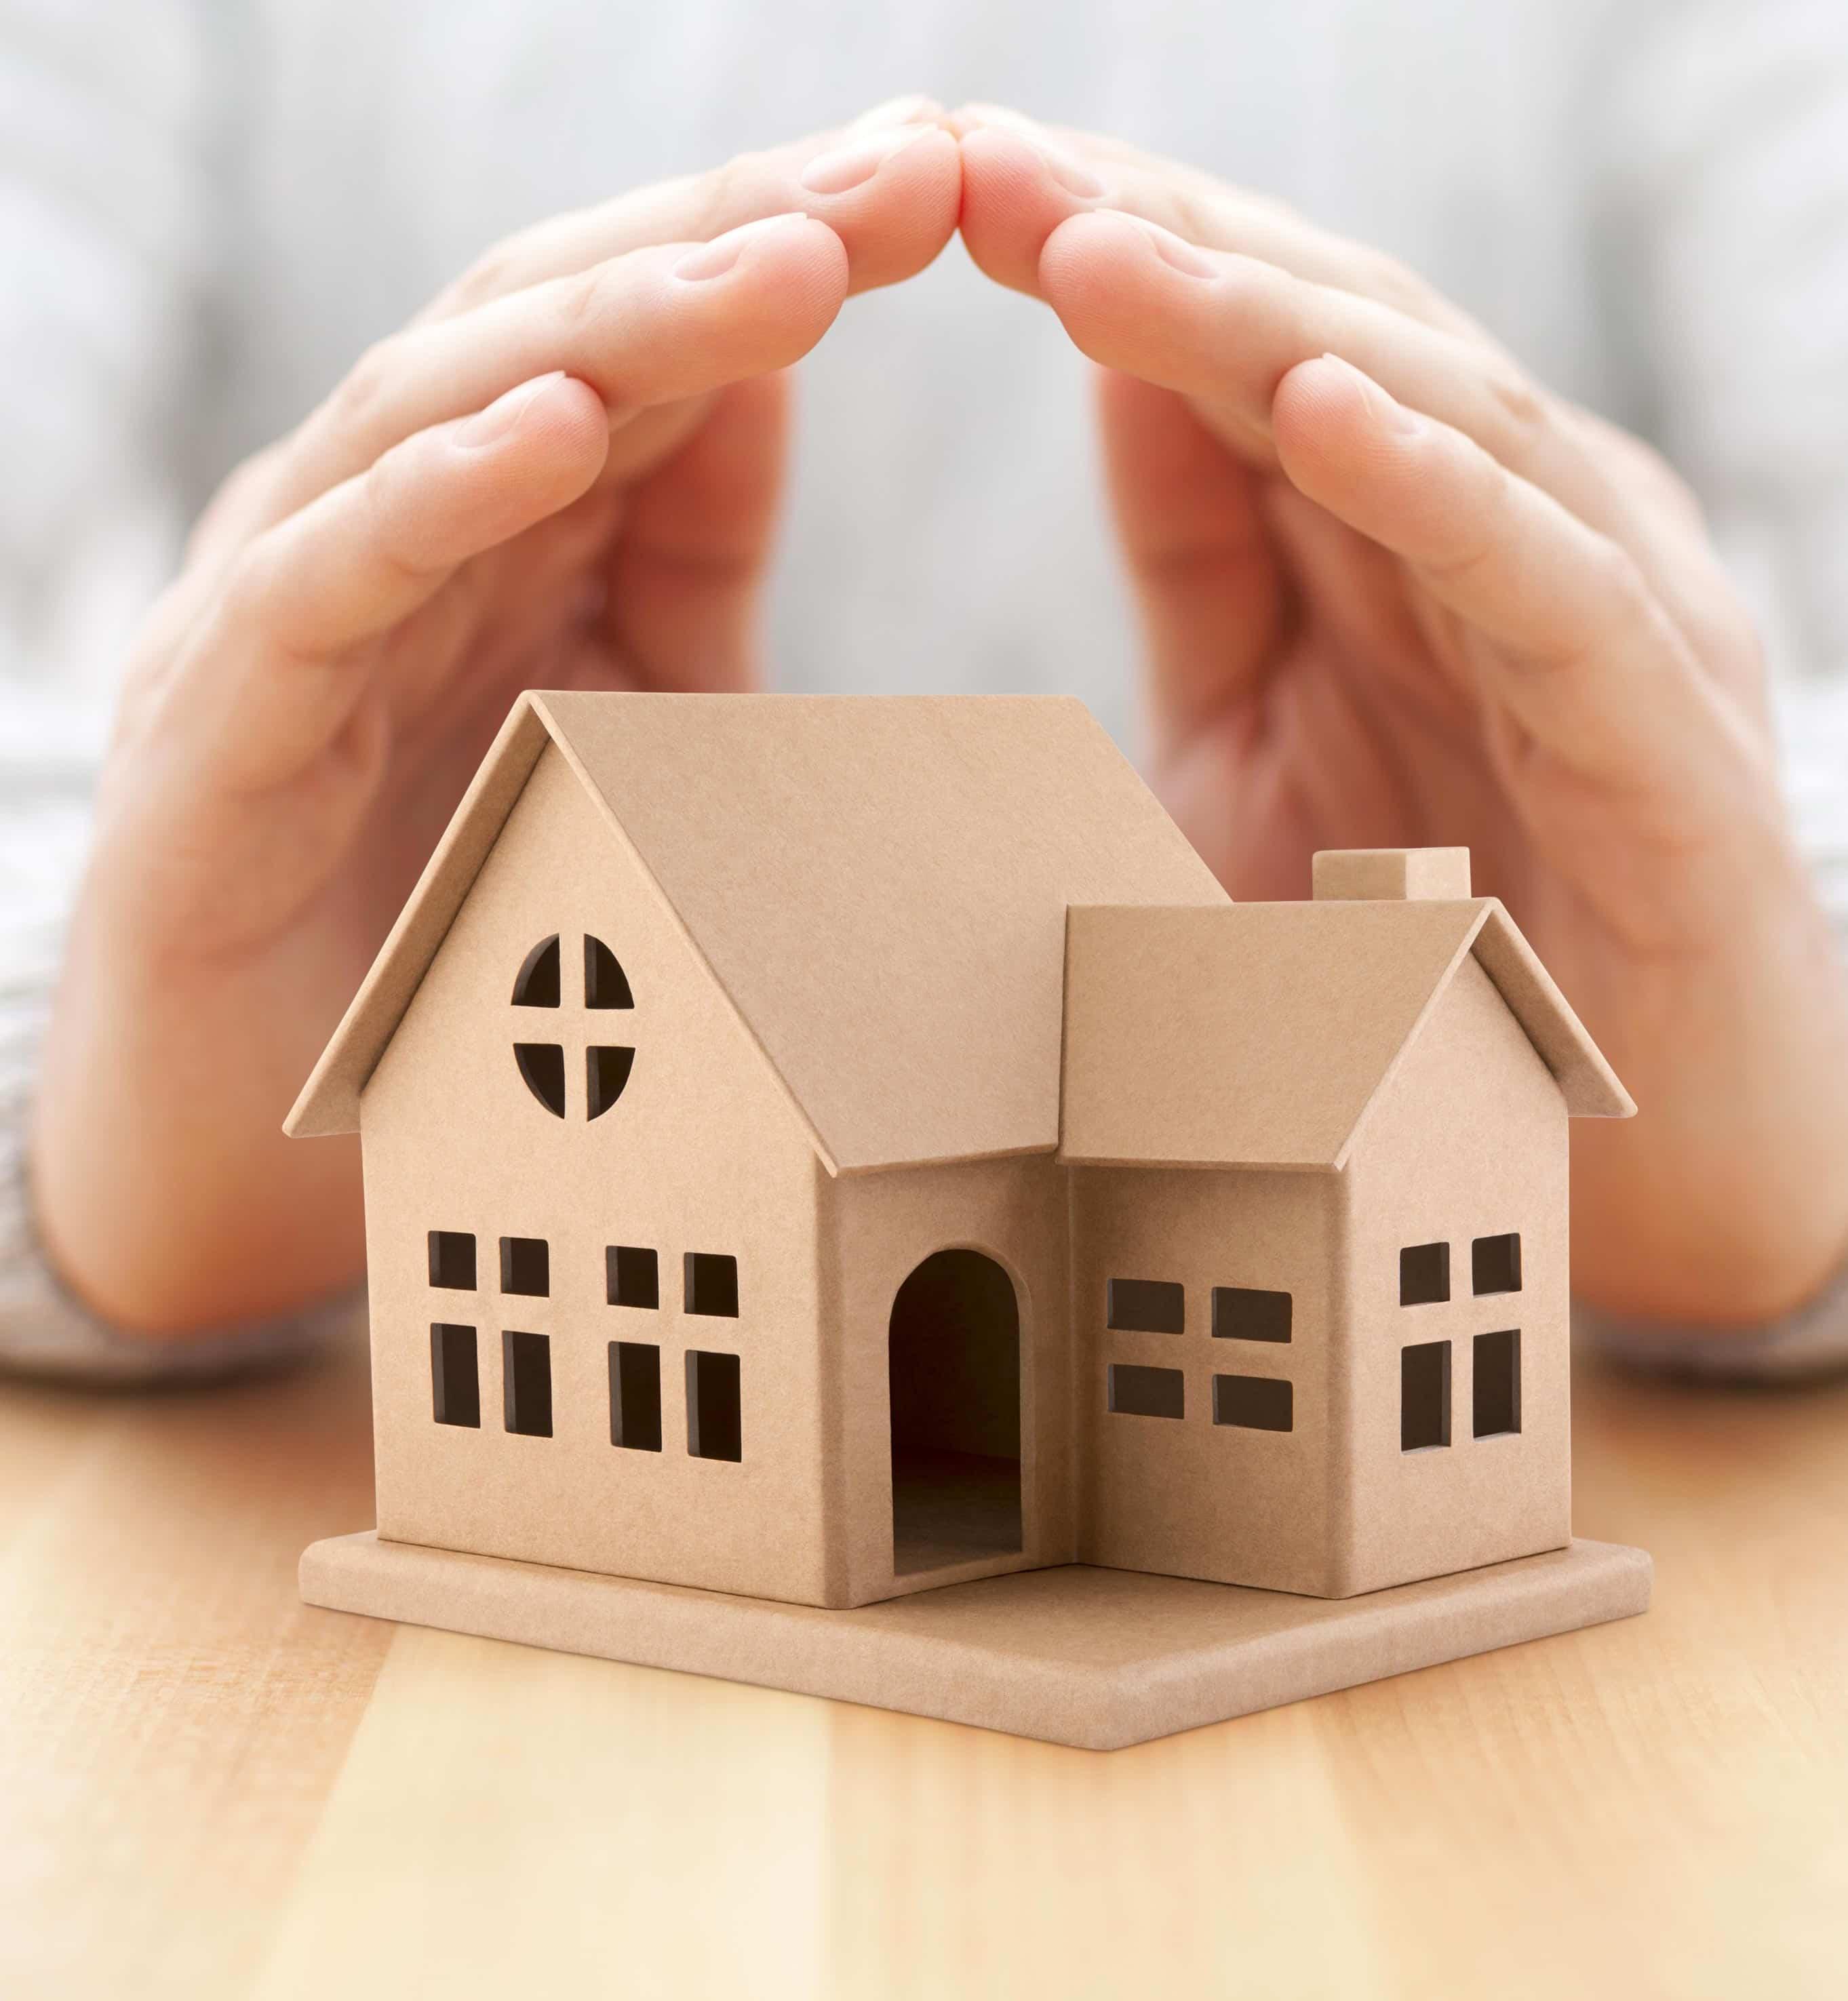 Assurance De Prêt Immobilier Ou Assurance De Crédit Immobilier | Selexium